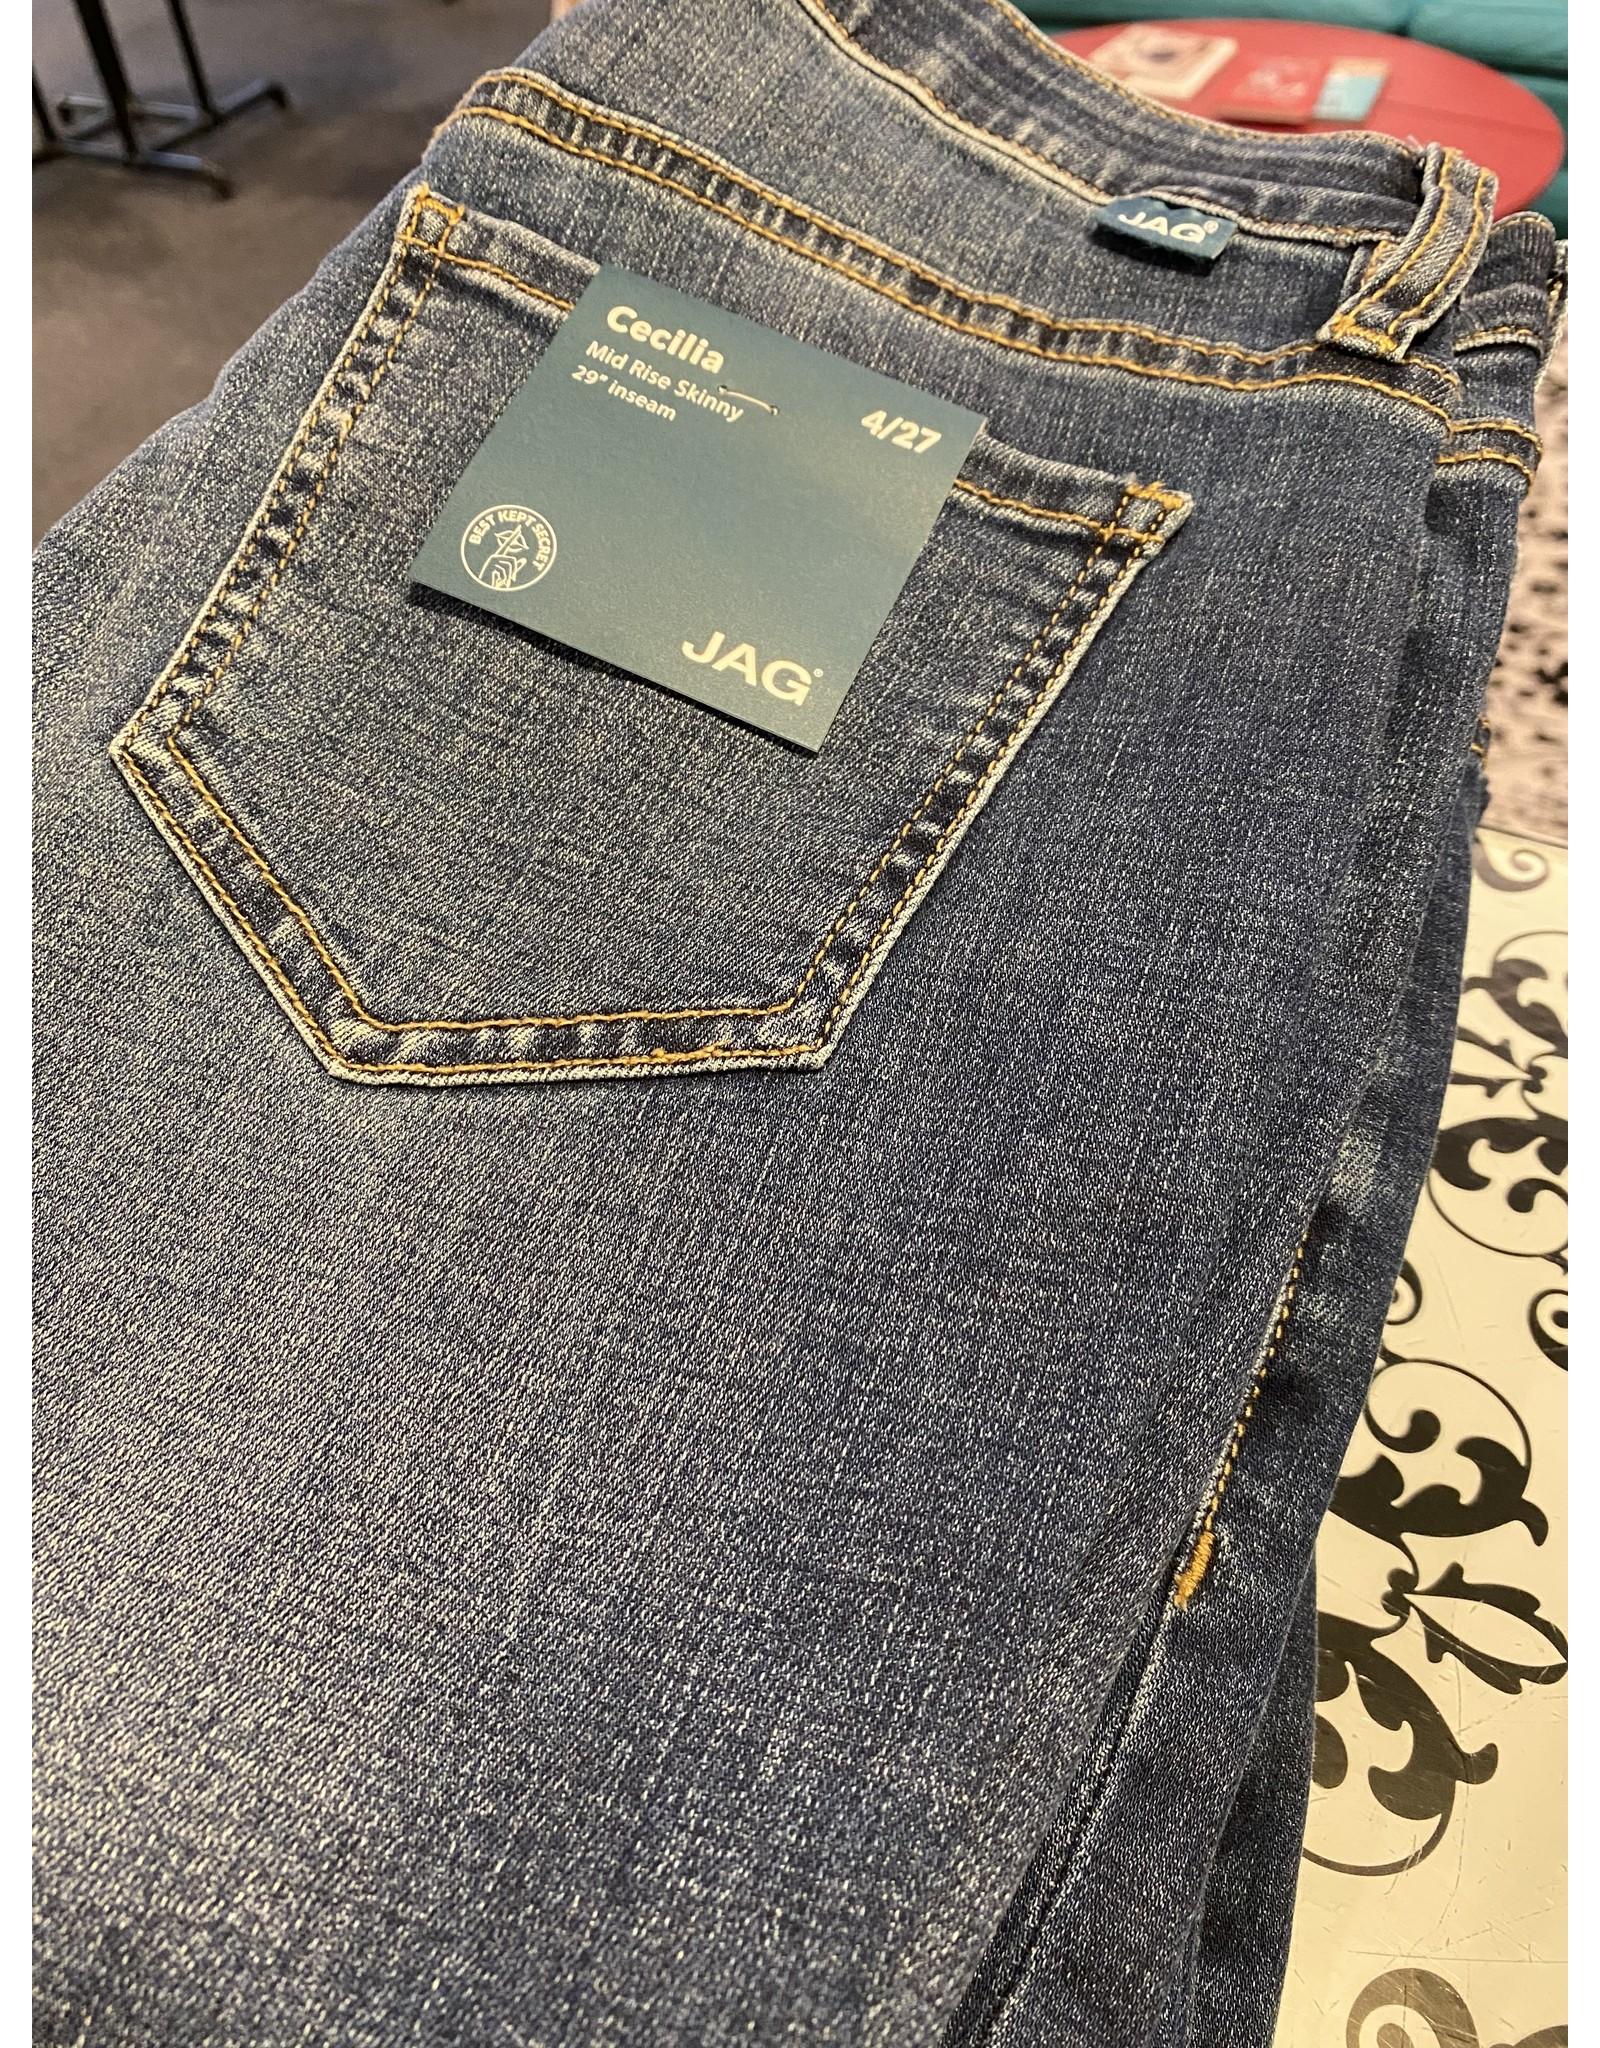 Jag Jeans Cecilia Mid Rise Skinny Jean